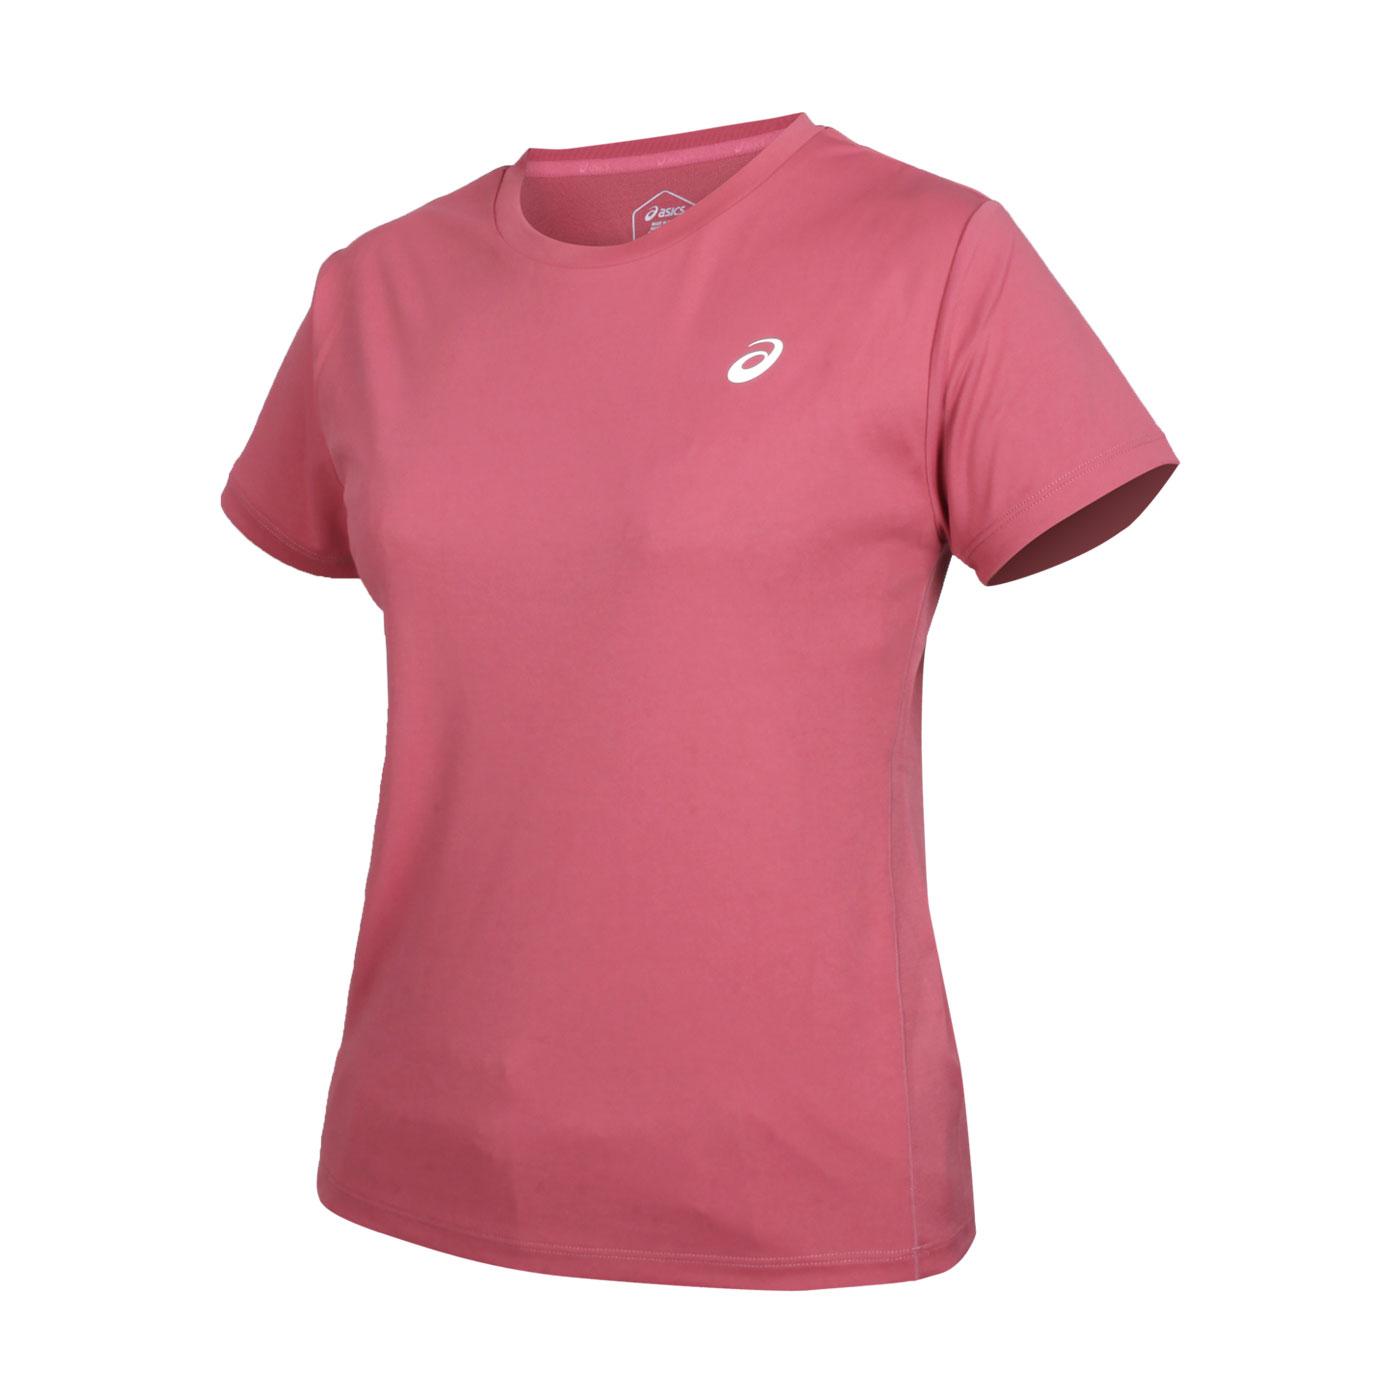 ASICS 女款短袖T恤 2012C256-700 - 玫紅白